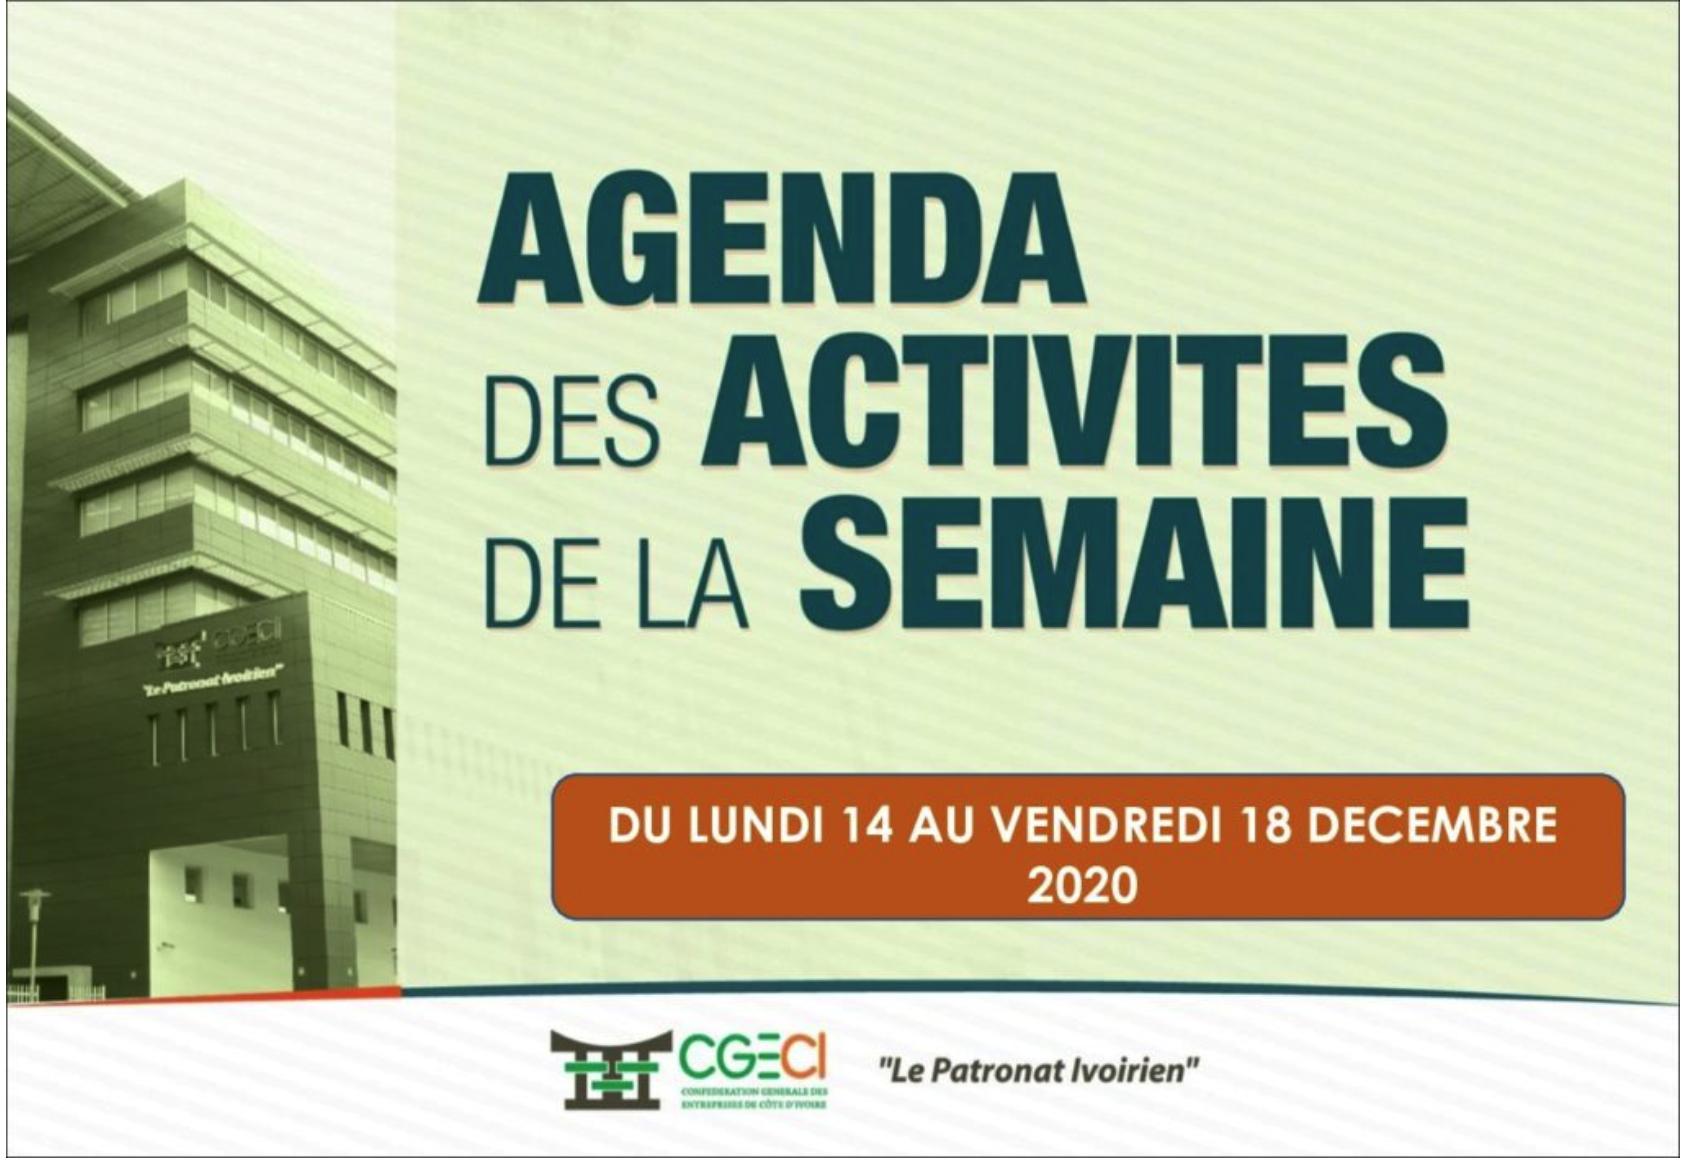 AGENDA DE LA SEMAINE DU 14 AU 18 DECEMBRE 2020